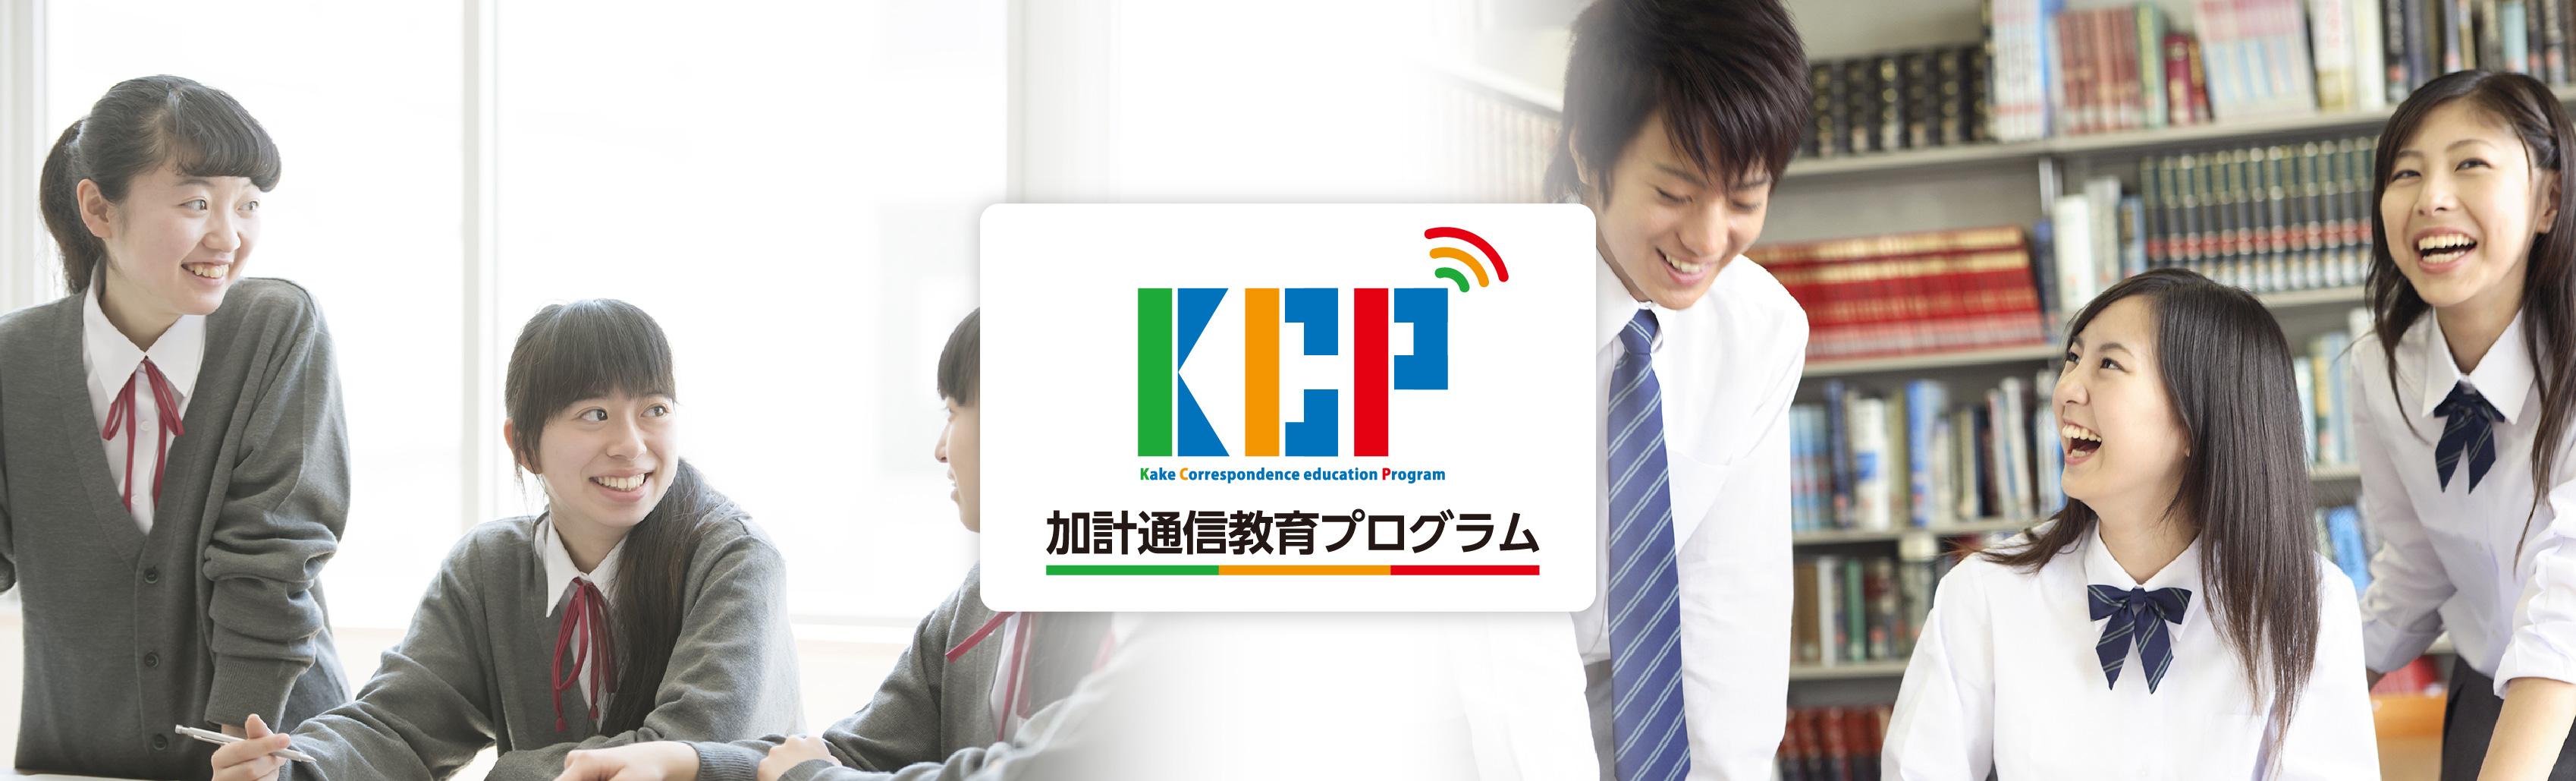 加計通信教育プログラム